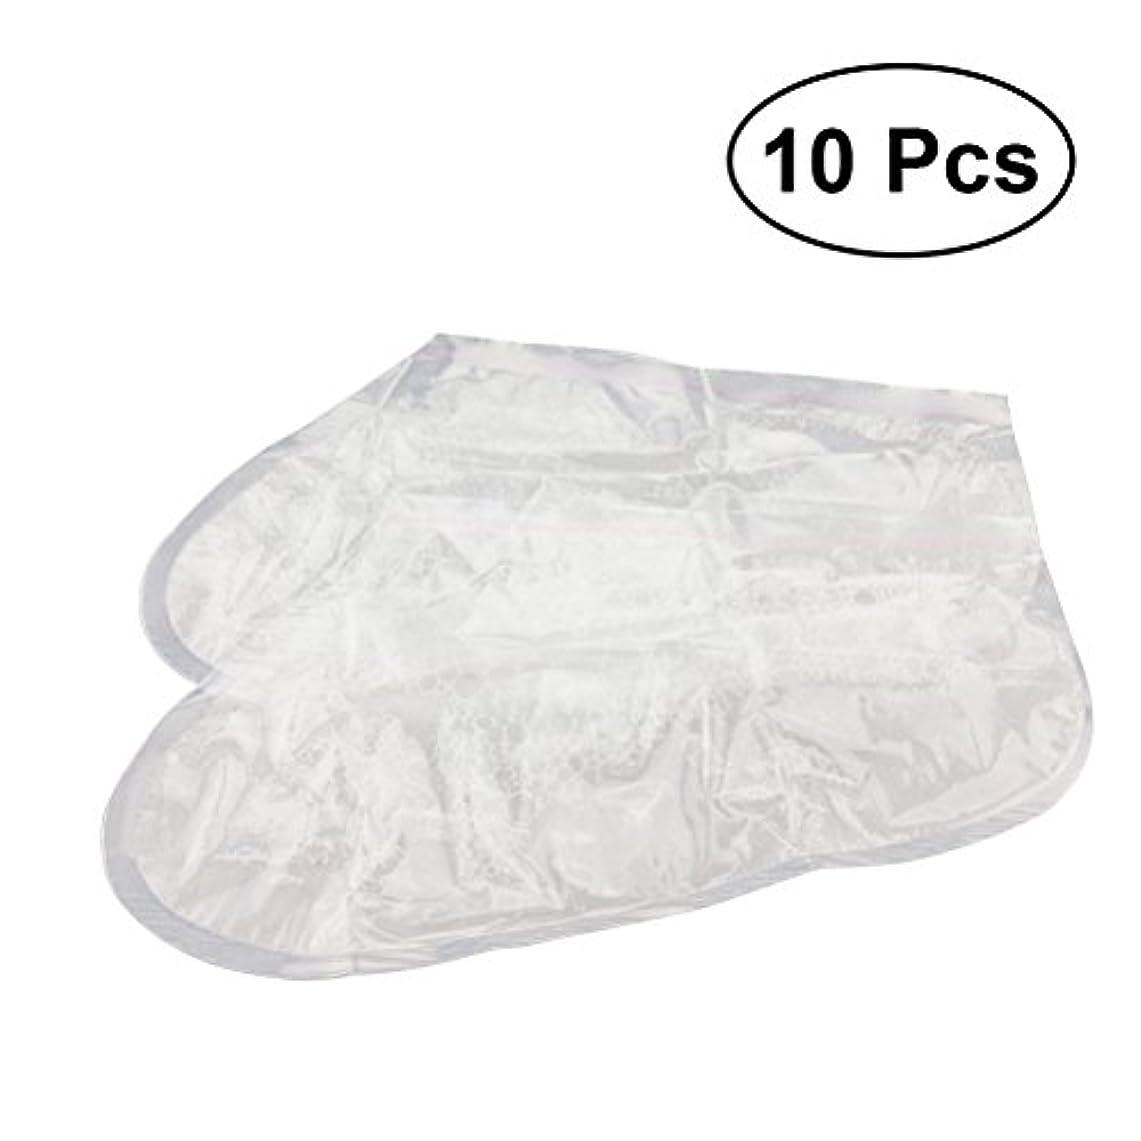 予防接種ボート間違いなくROSENICE フットマスク ピーリング足 フットピーリングマスク フットカルスとデッドスキンリムーバー ラベンダー香り フットピーラー 10袋